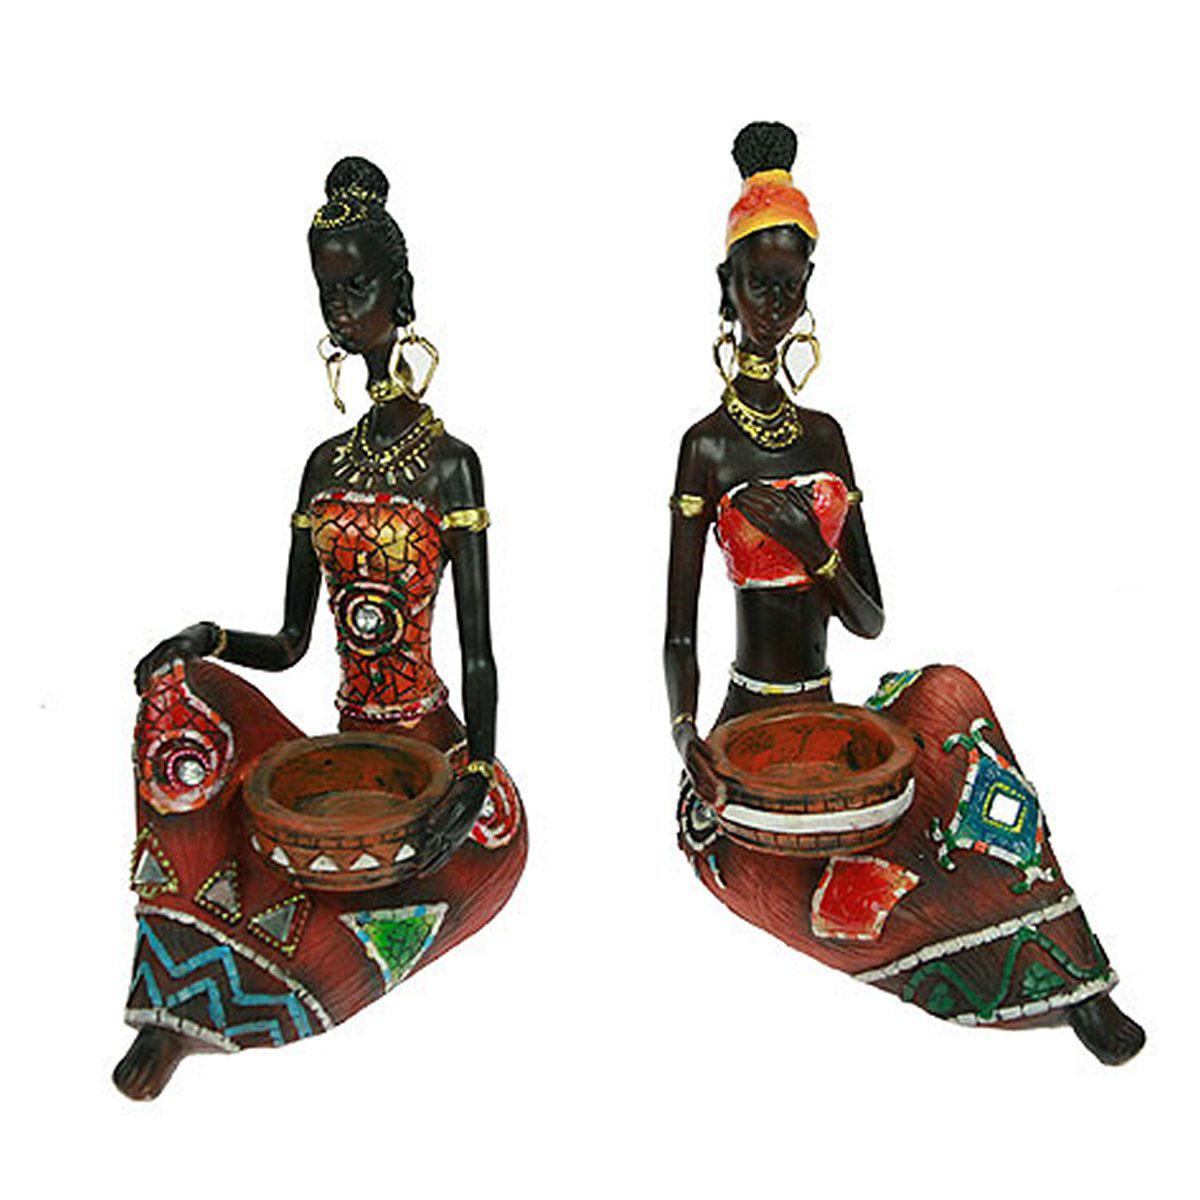 Статуэтка Русские Подарки Африканка, 16 х 10 х 21 см26134Статуэтка Русские Подарки Африканка, изготовленная из полистоуна, имеет изысканный внешний вид. Изделие станет прекрасным украшением интерьера гостиной, офиса или дома. Вы можете поставить статуэтку в любое место, где она будет удачно смотреться и радовать глаз. Правила ухода: регулярно вытирать пыль сухой, мягкой тканью.